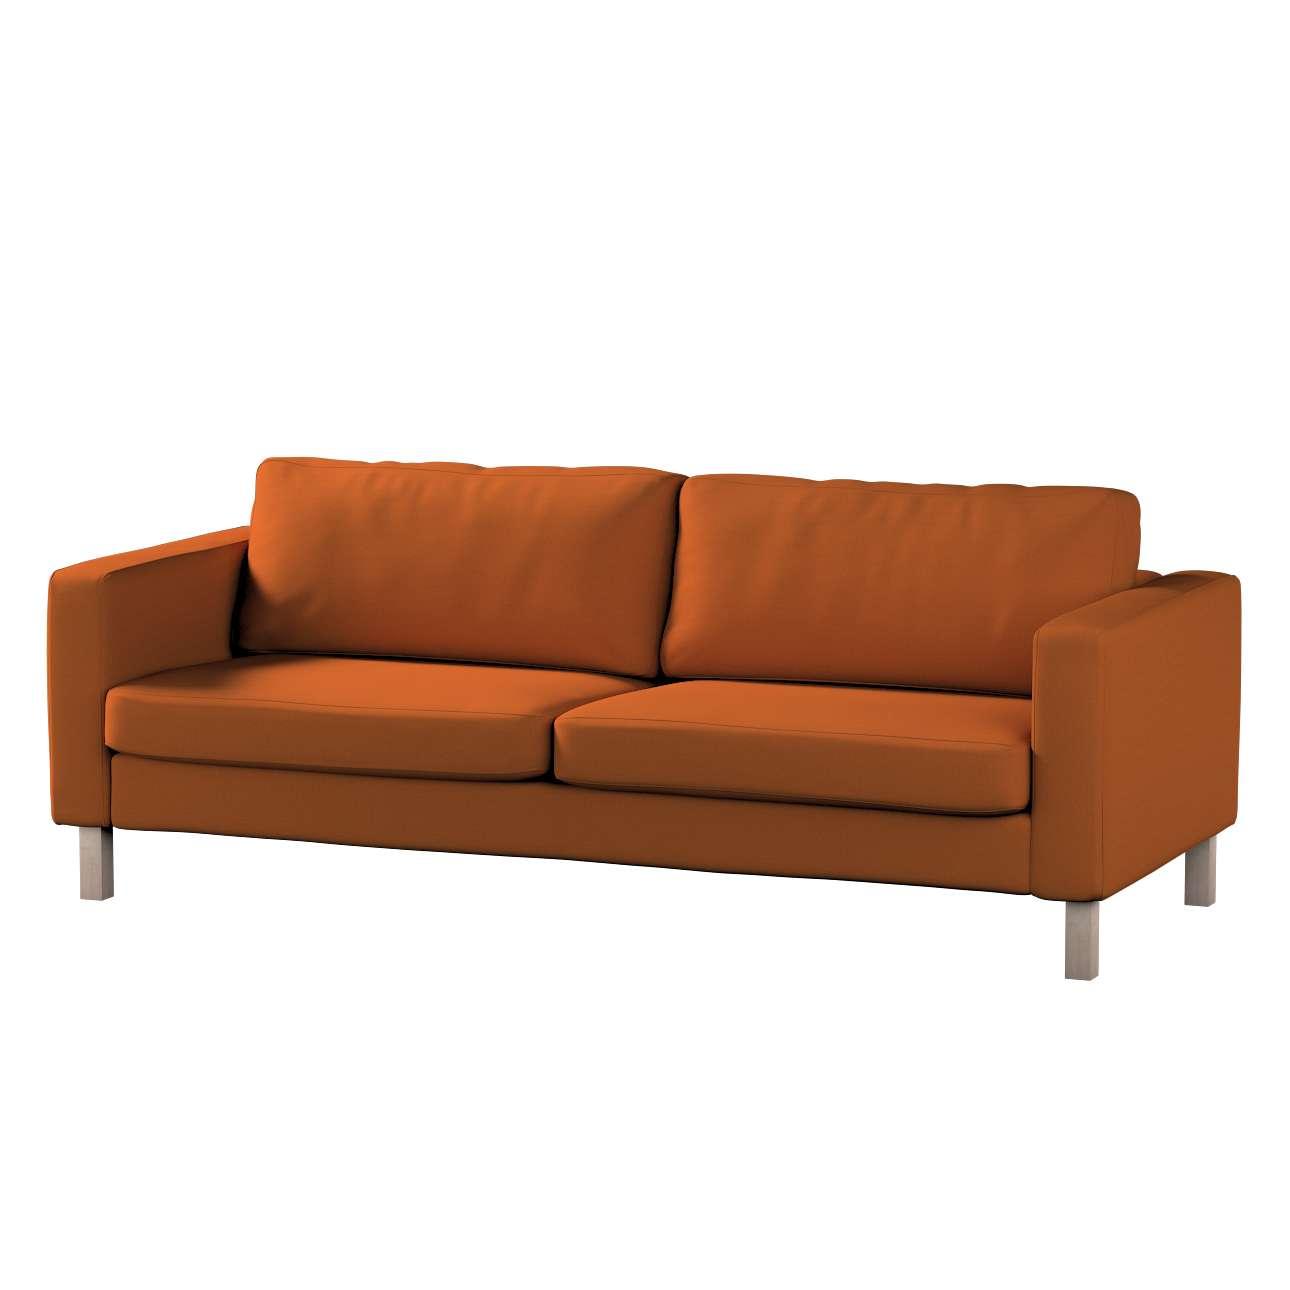 Pokrowiec na sofę Karlstad 3-osobową nierozkładaną, krótki w kolekcji Cotton Panama, tkanina: 702-42